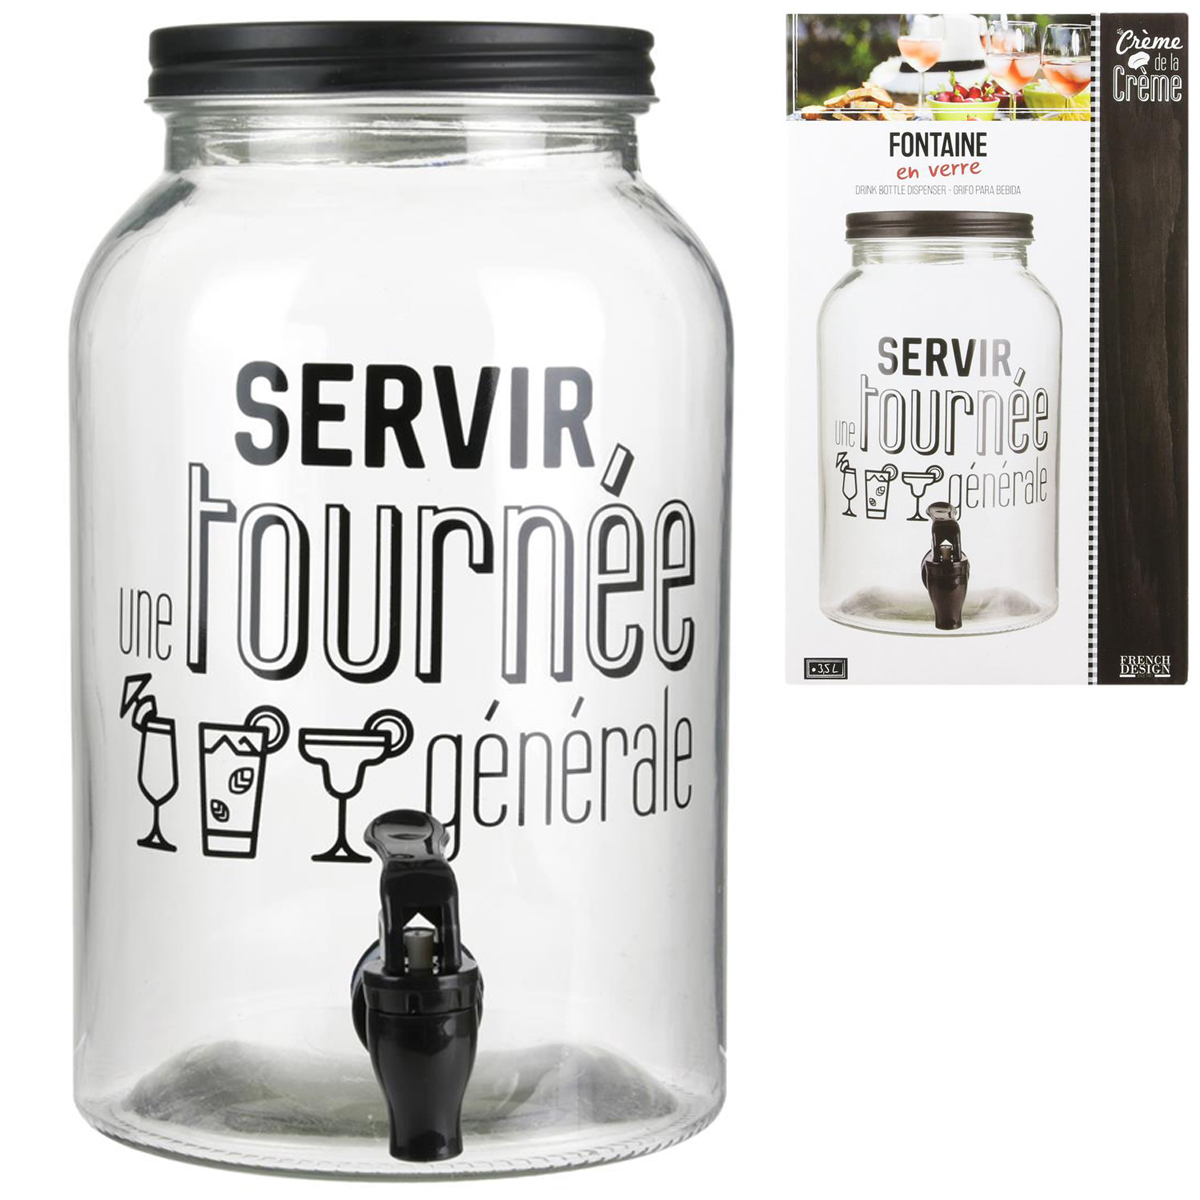 Fontaine mason jar verre \'Messages\' (servir une tournée générale) - 26x16 cm (35 L) - [Q4474]